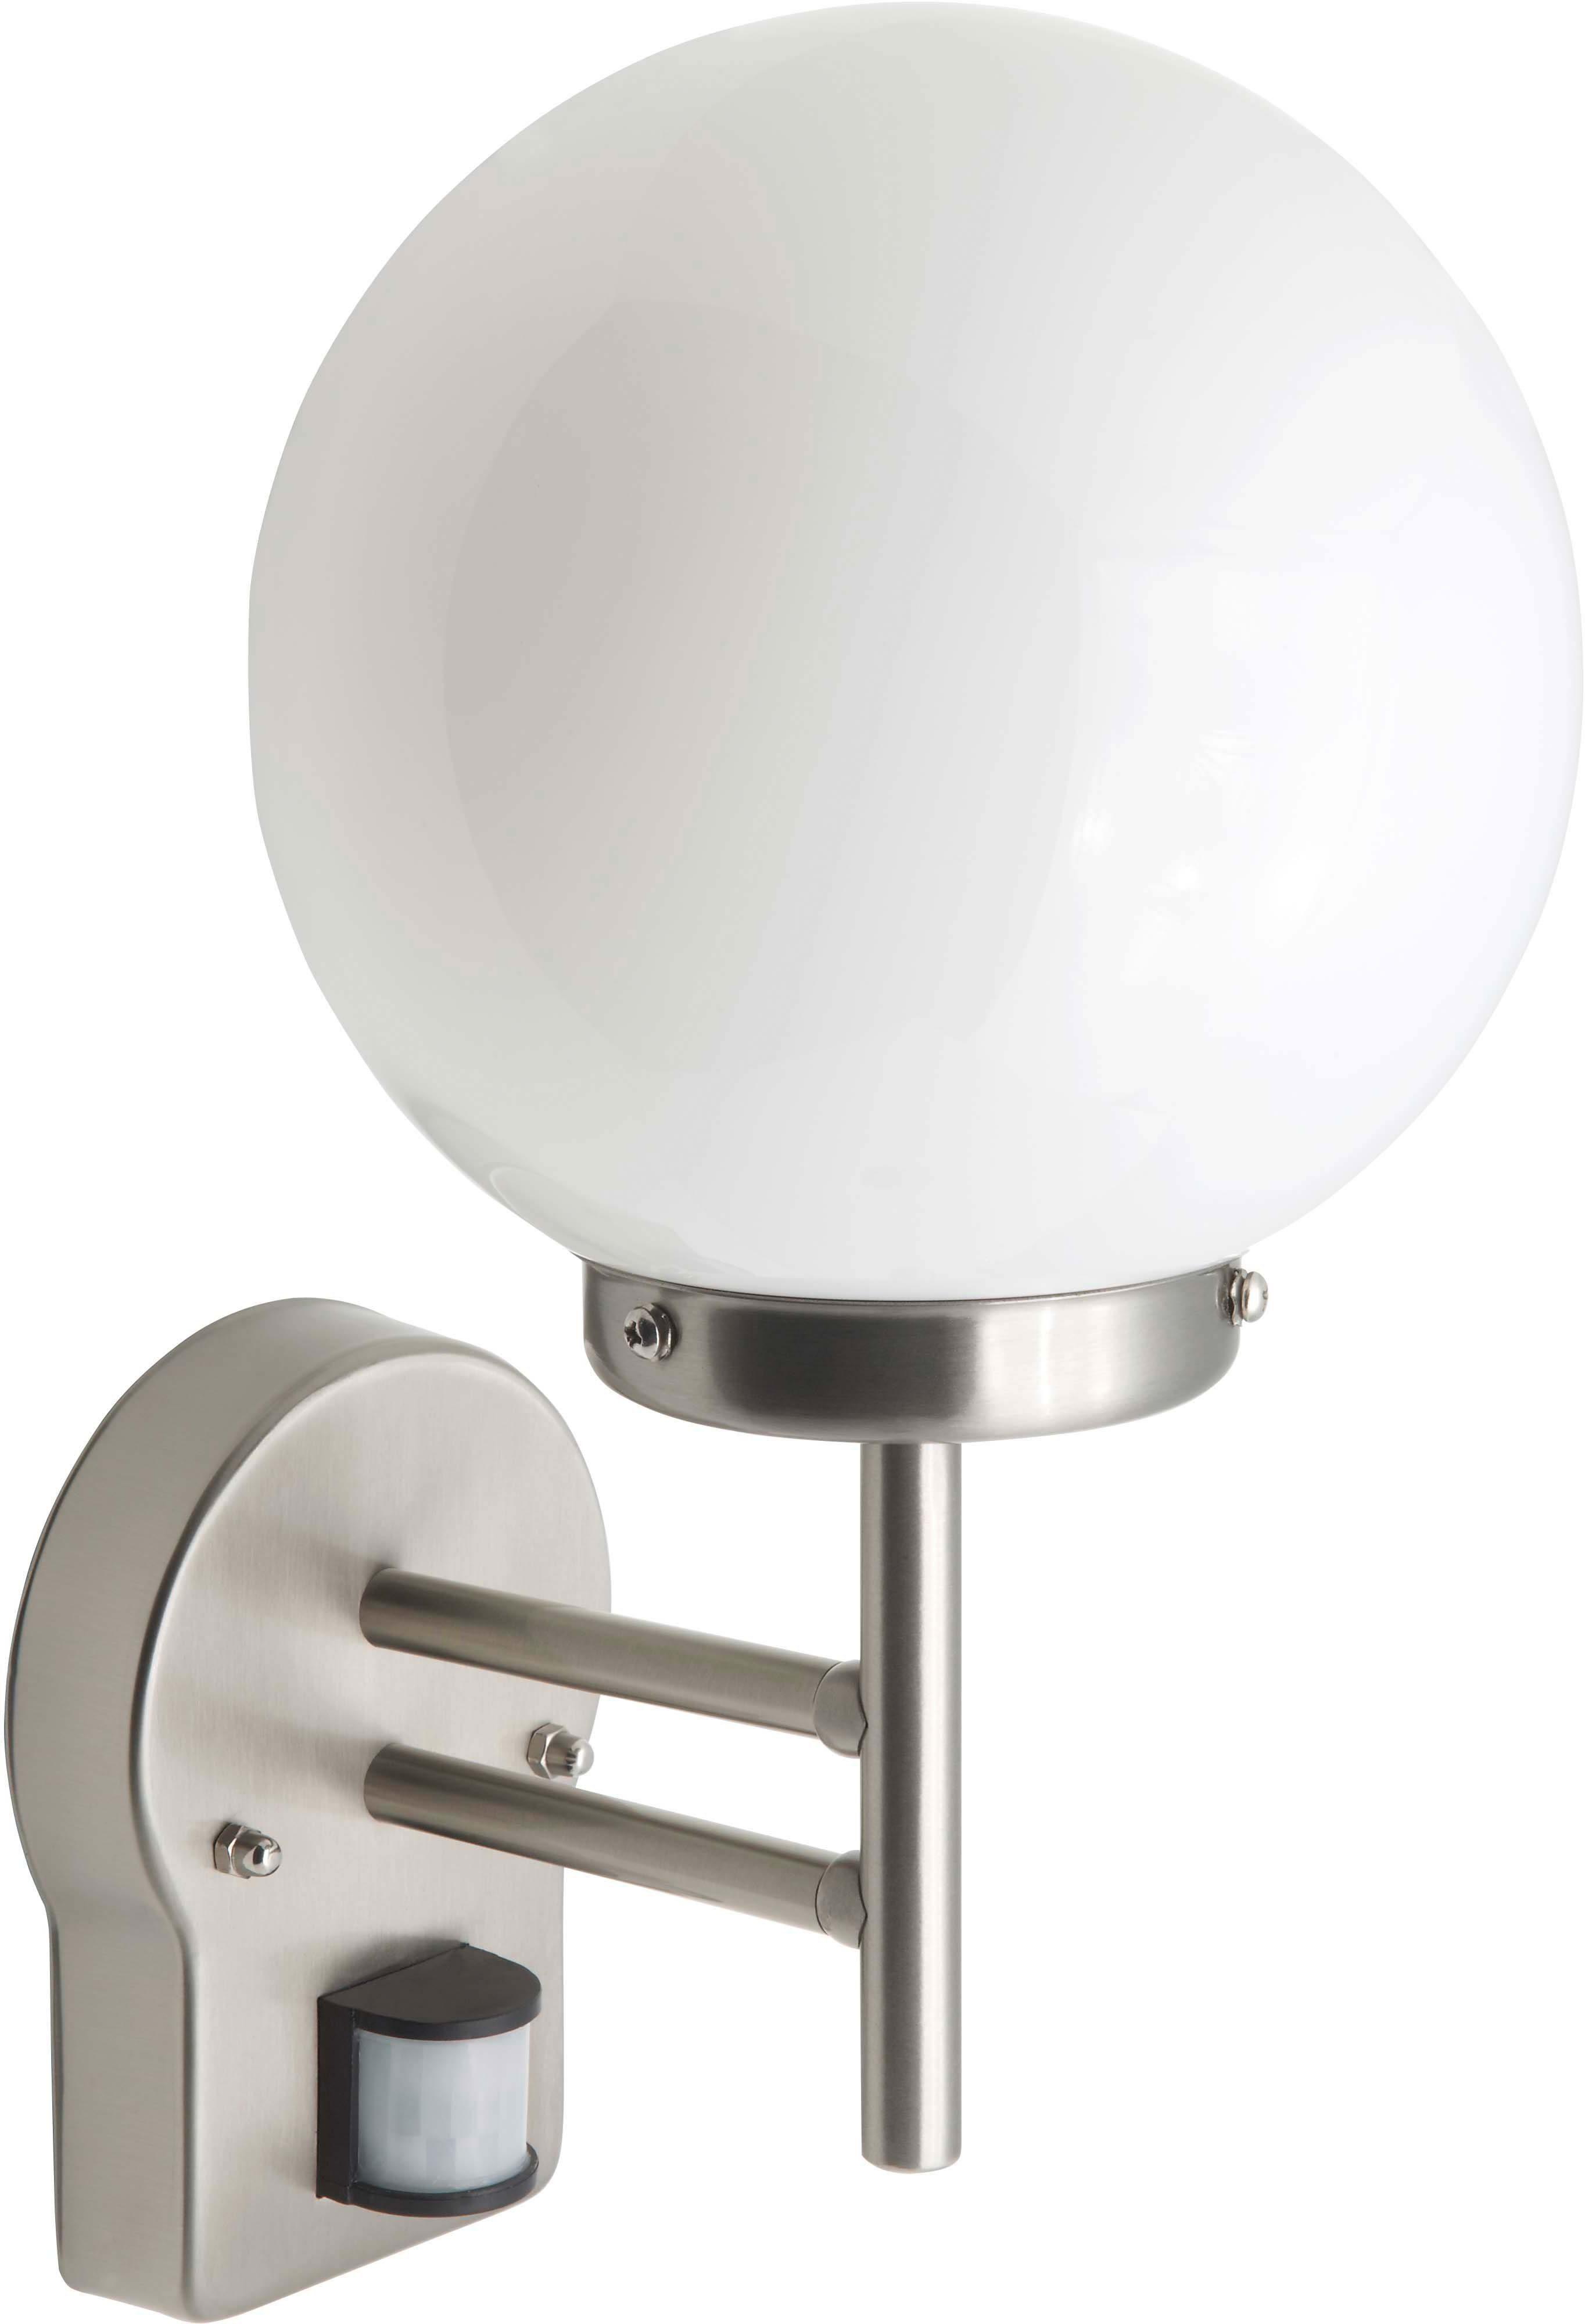 Brilliant LED Außenleuchte, 1 flg., Wandleuchte mit Bewegungsmelder, »AALBORG«